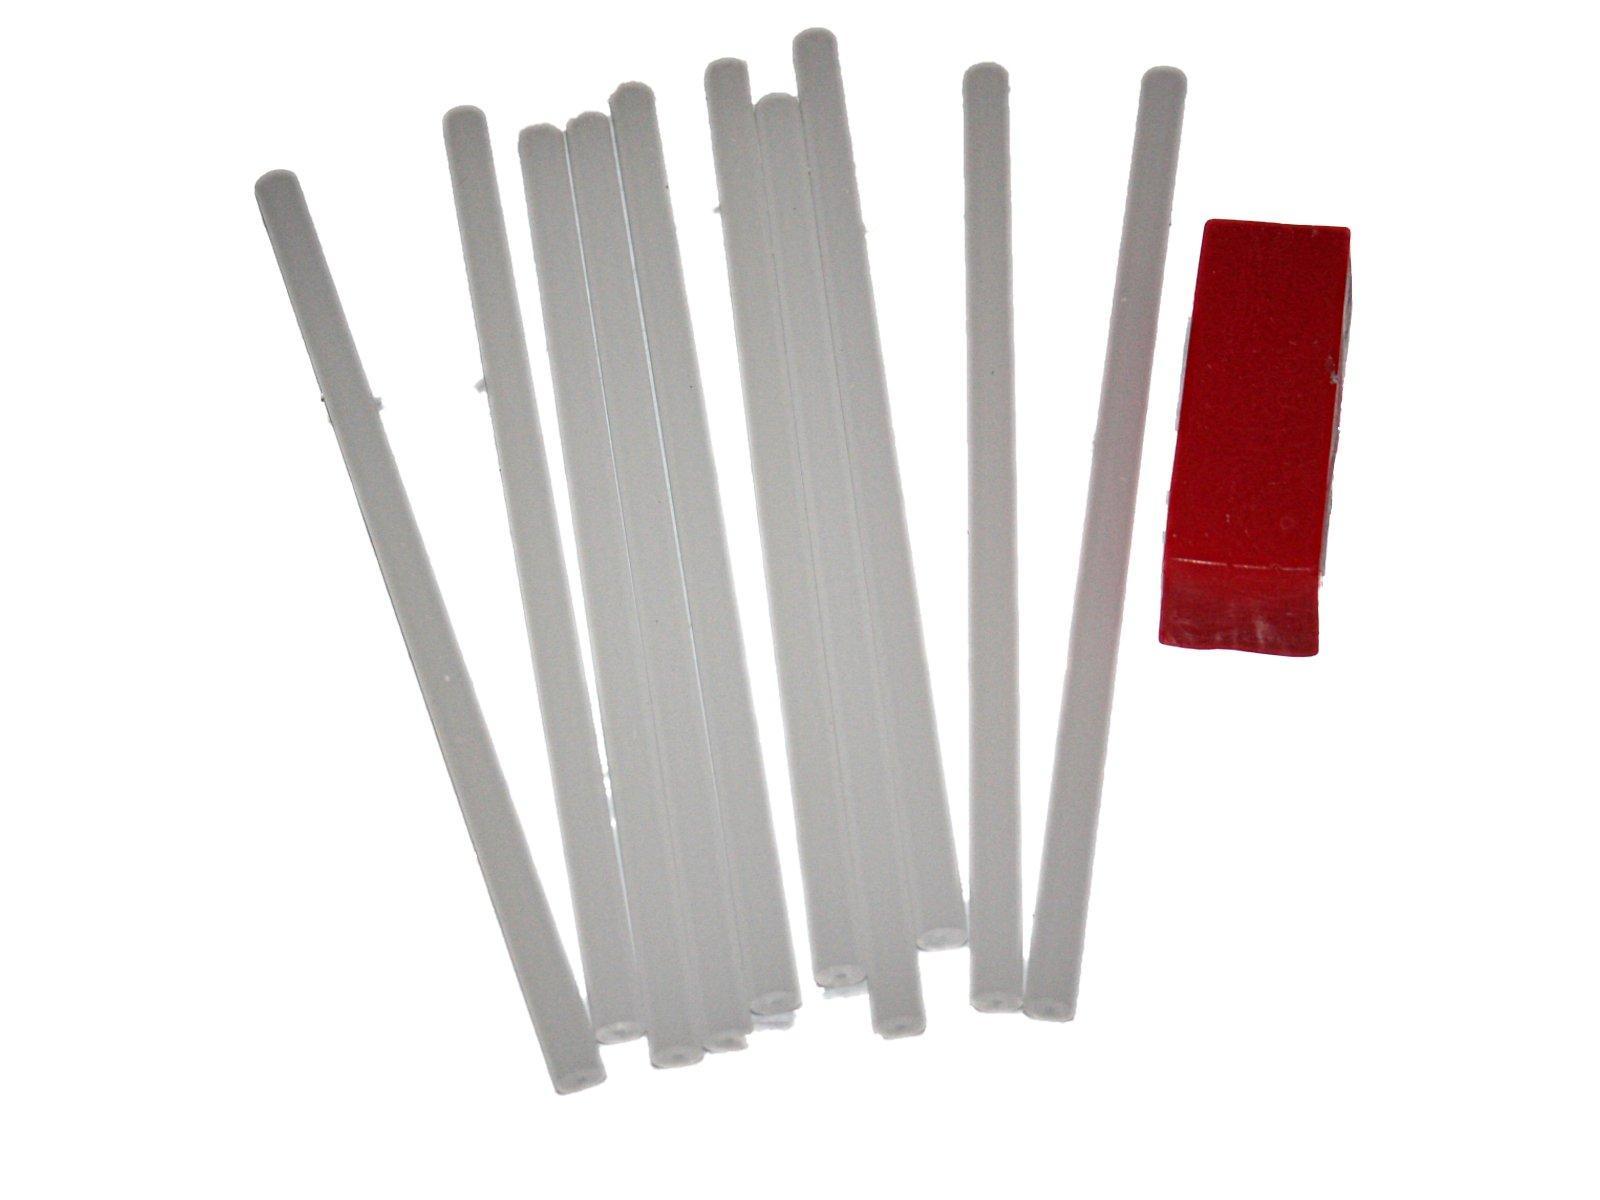 10 P-Tex PTex Rods sticks Light and Drip Candle clear/white Ptex P-tex Ski Snowboard Base Repair plus bonus 45 gram red all temp wax